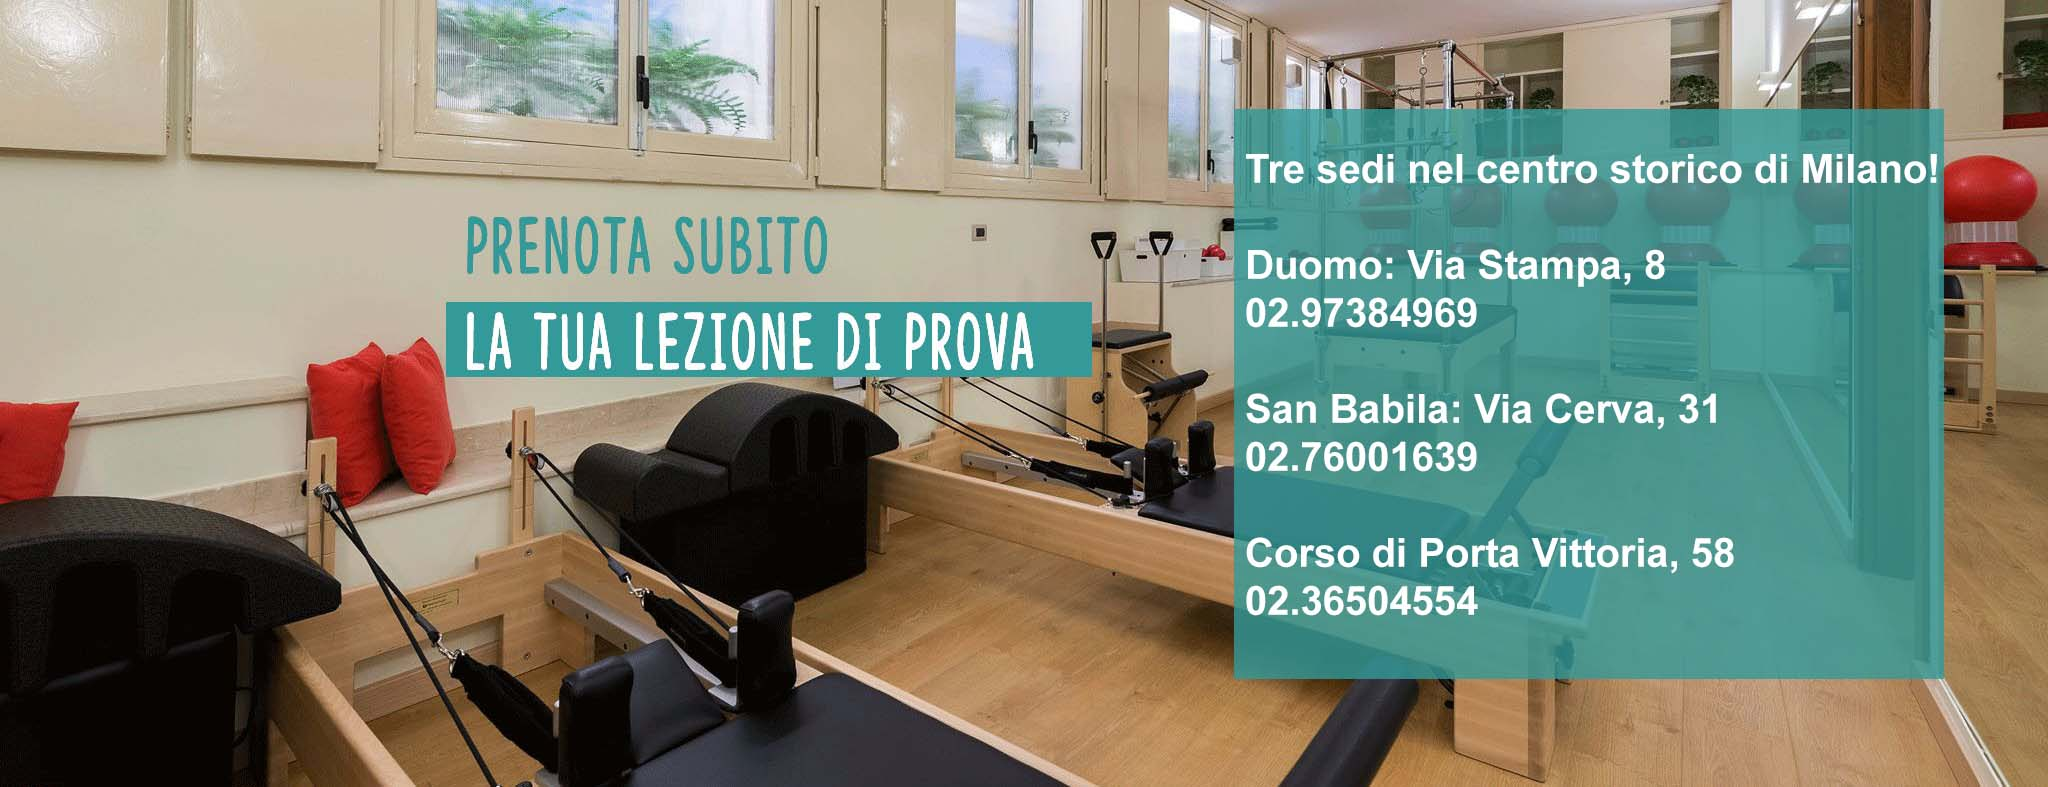 Palestra Pilates Corso Como Milano - Prenota subito la tua lezione di prova